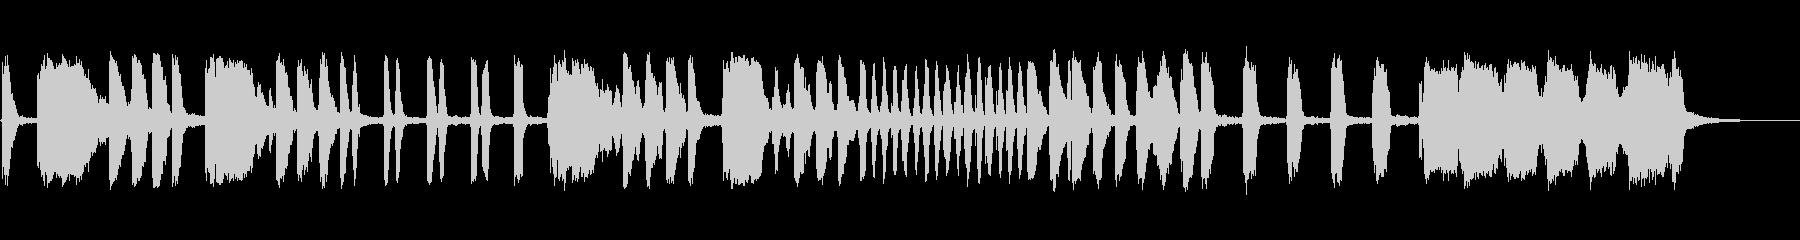 スリーリングファンファーレ:コミッ...の未再生の波形